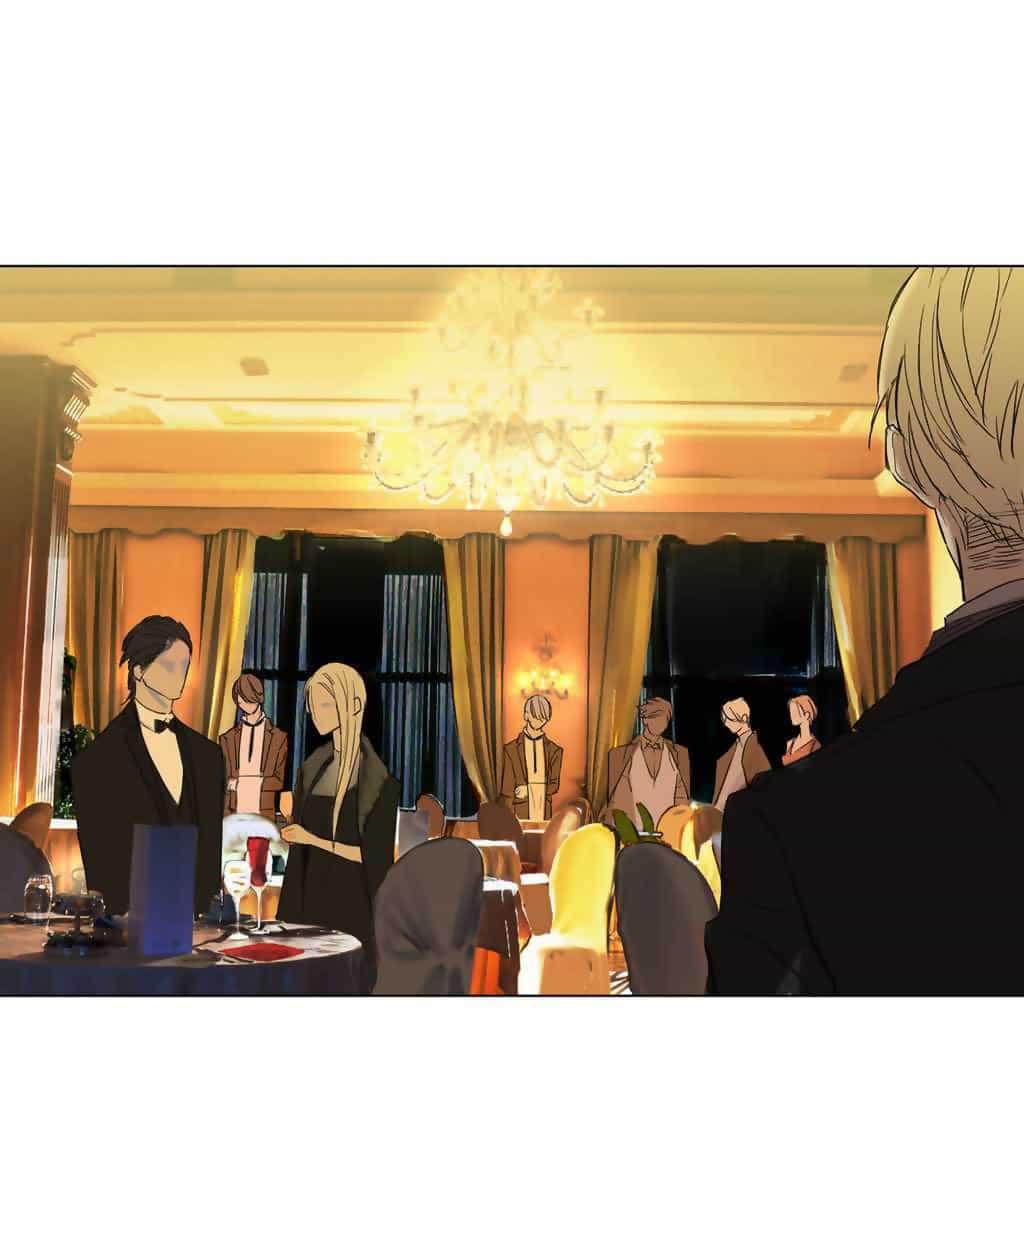 Trang 49 - Người hầu hoàng gia - Royal Servant - Chương 010 () - Truyện tranh Gay - Server HostedOnGoogleServerStaging